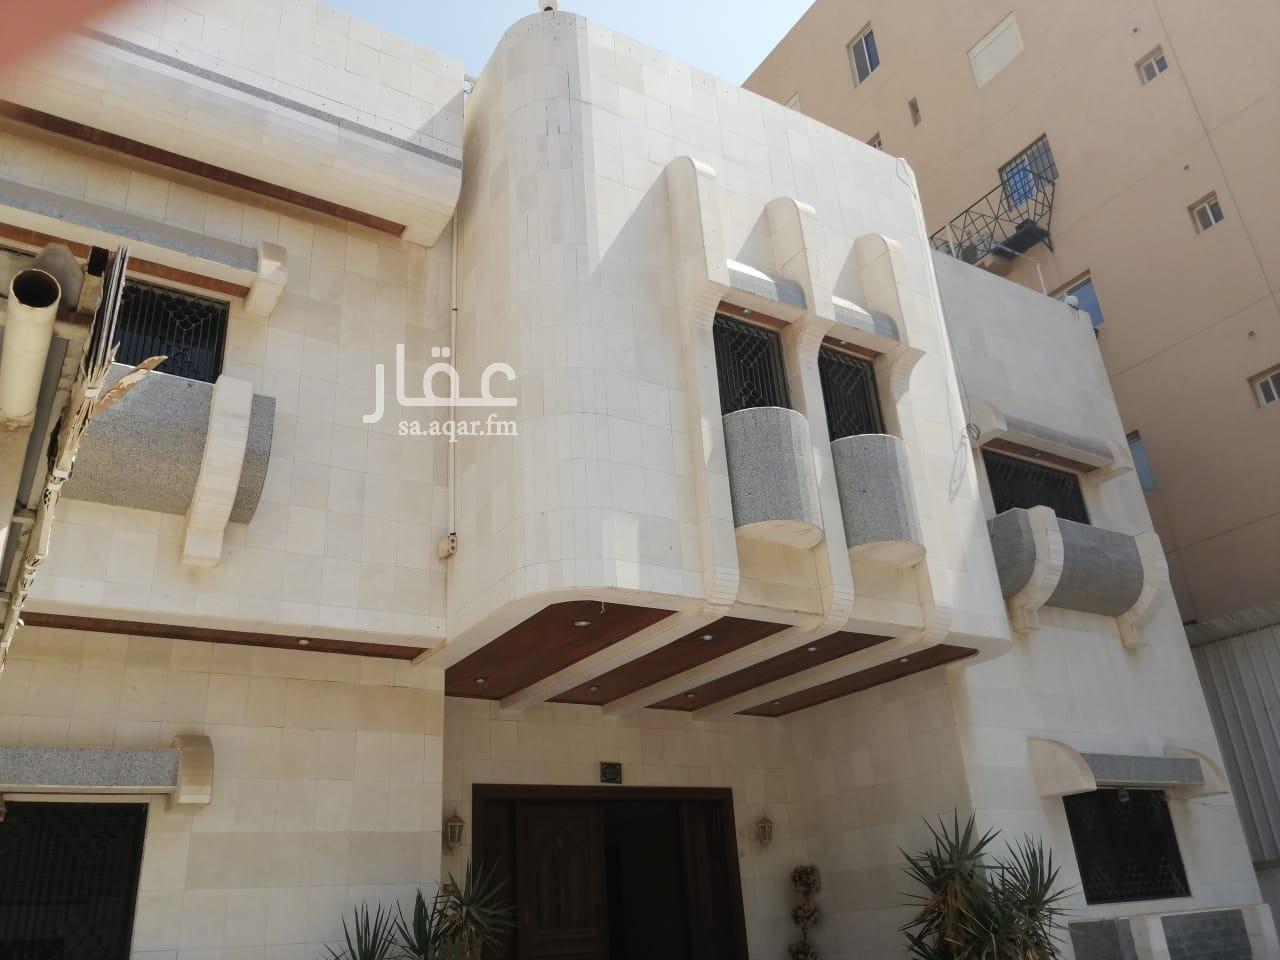 فيلا للإيجار في شارع عبدالسلام القادرى ، حي الروضة ، جدة